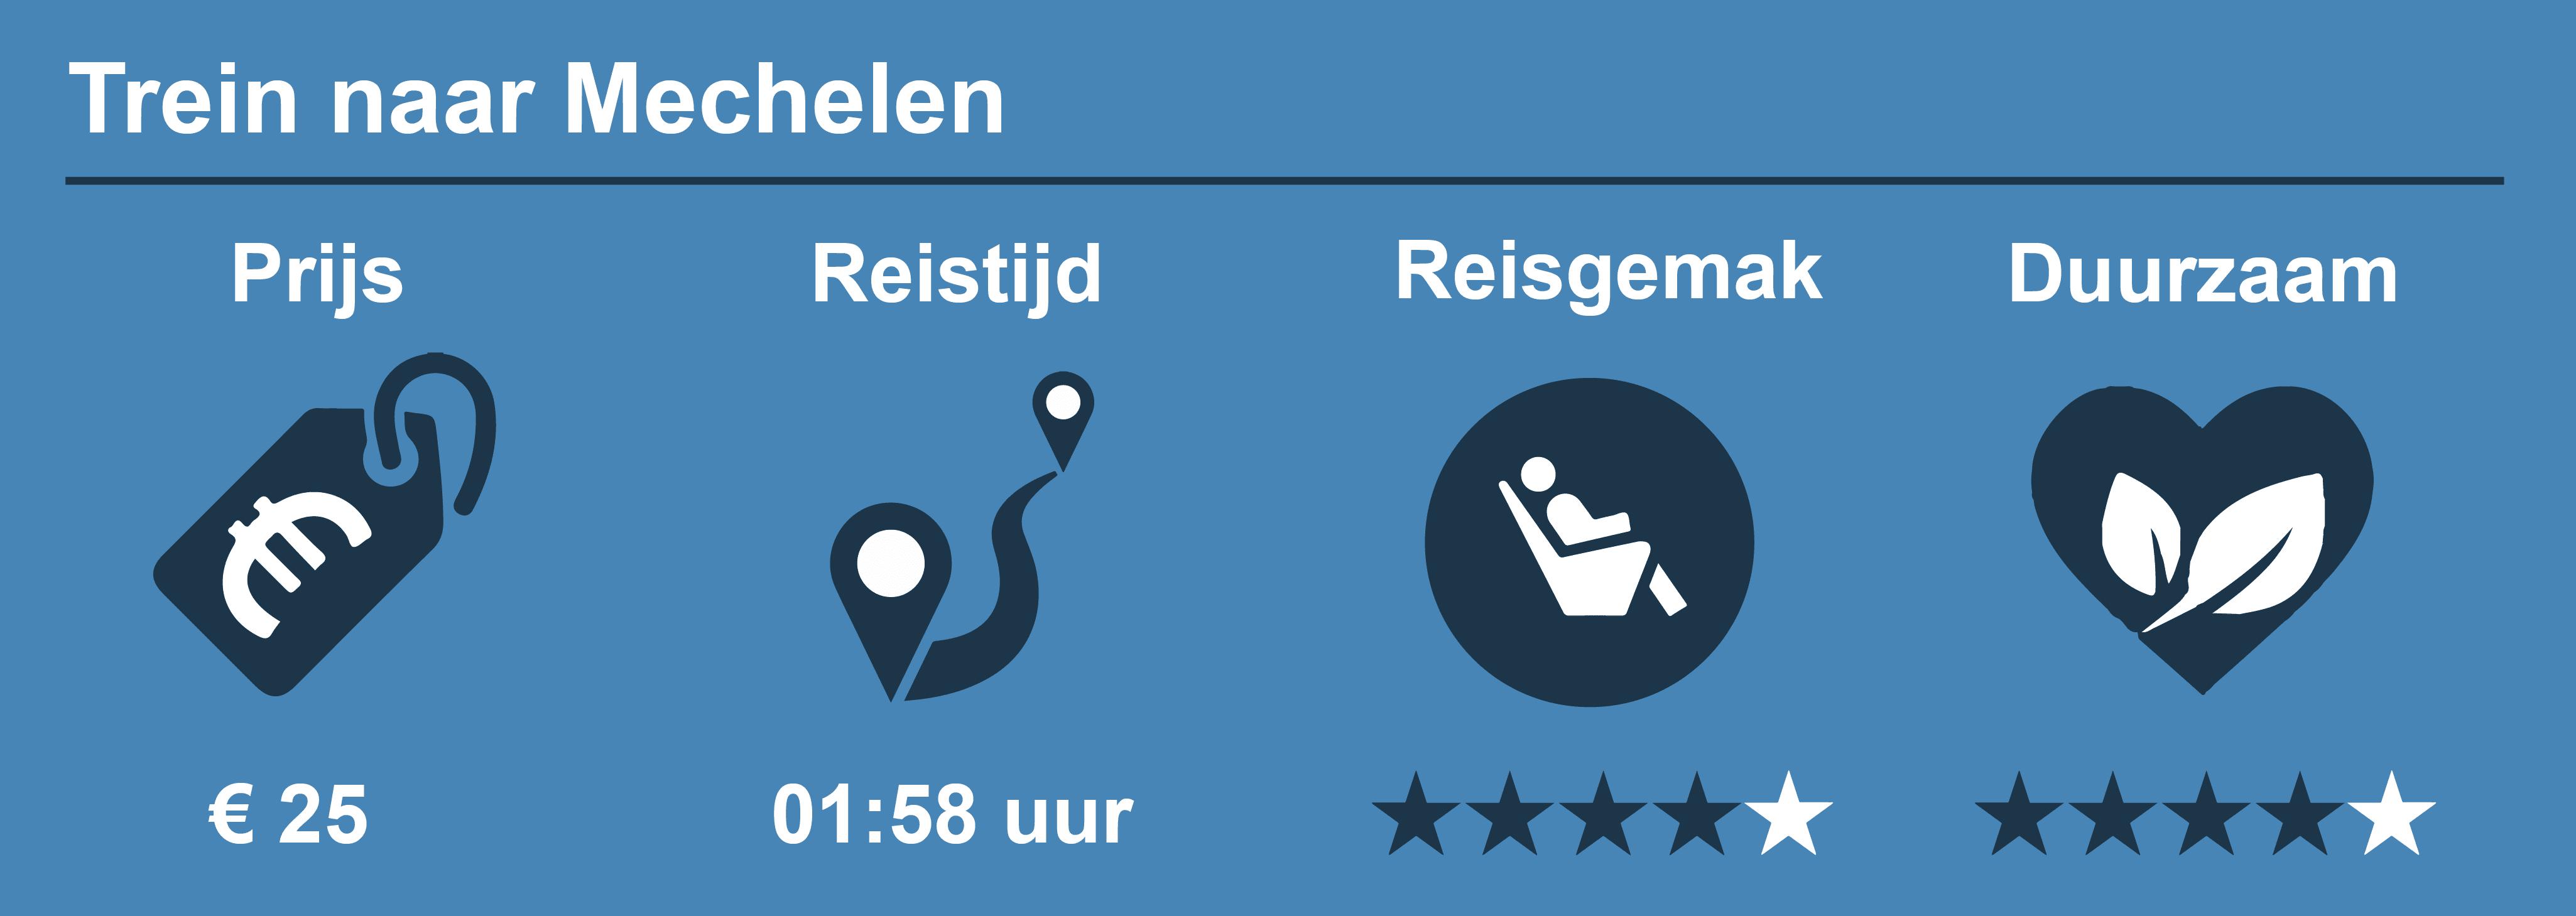 Reisinformatie trein naar Mechelen